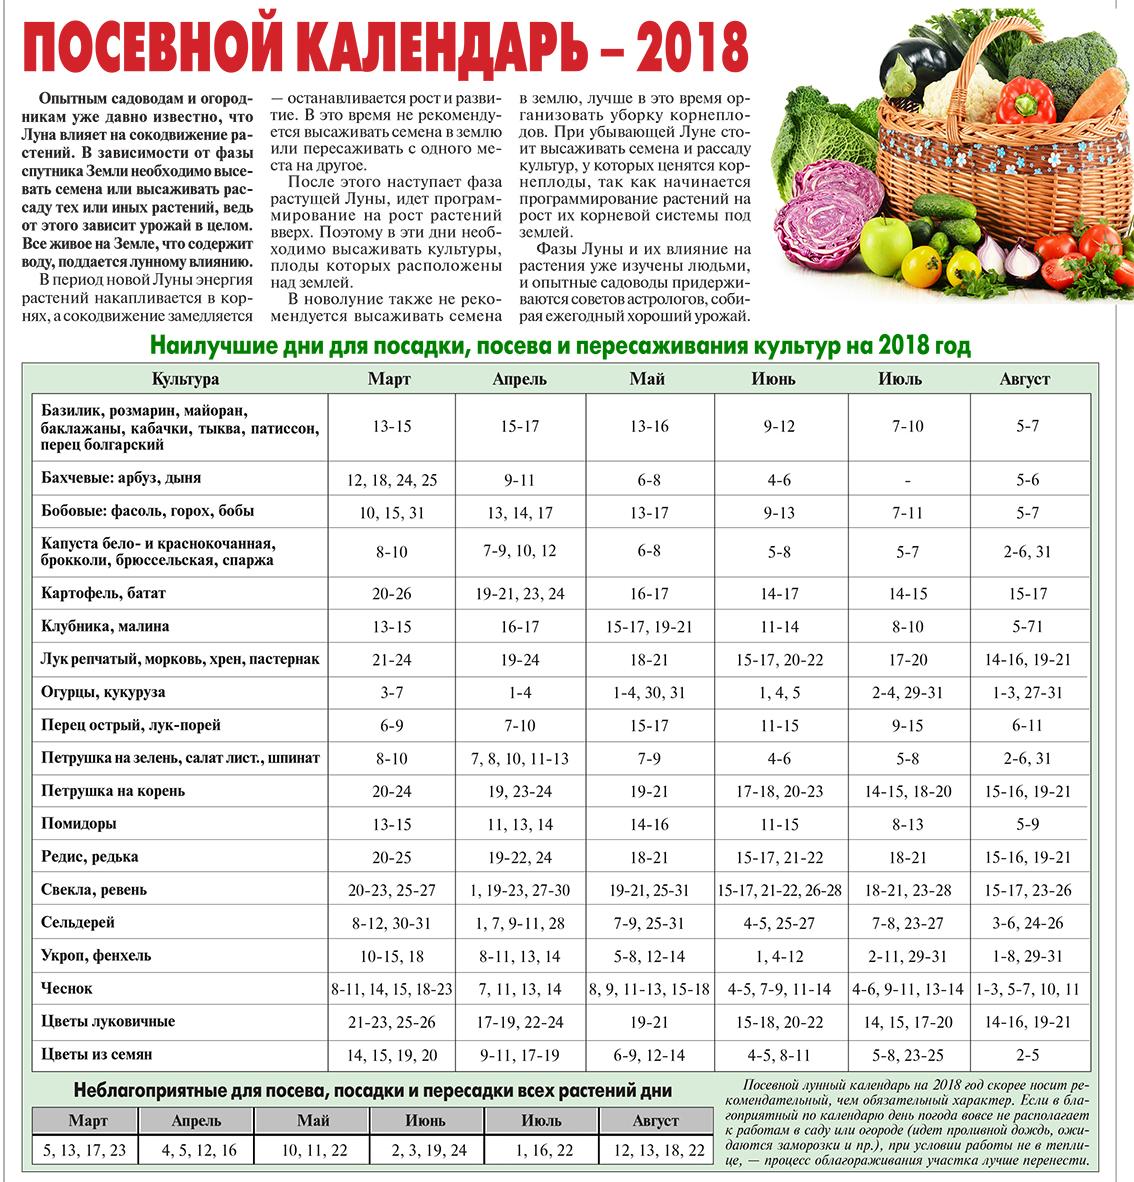 Когда сажать лук севок в открытый грунт в 2018 году по лунному календарю 67